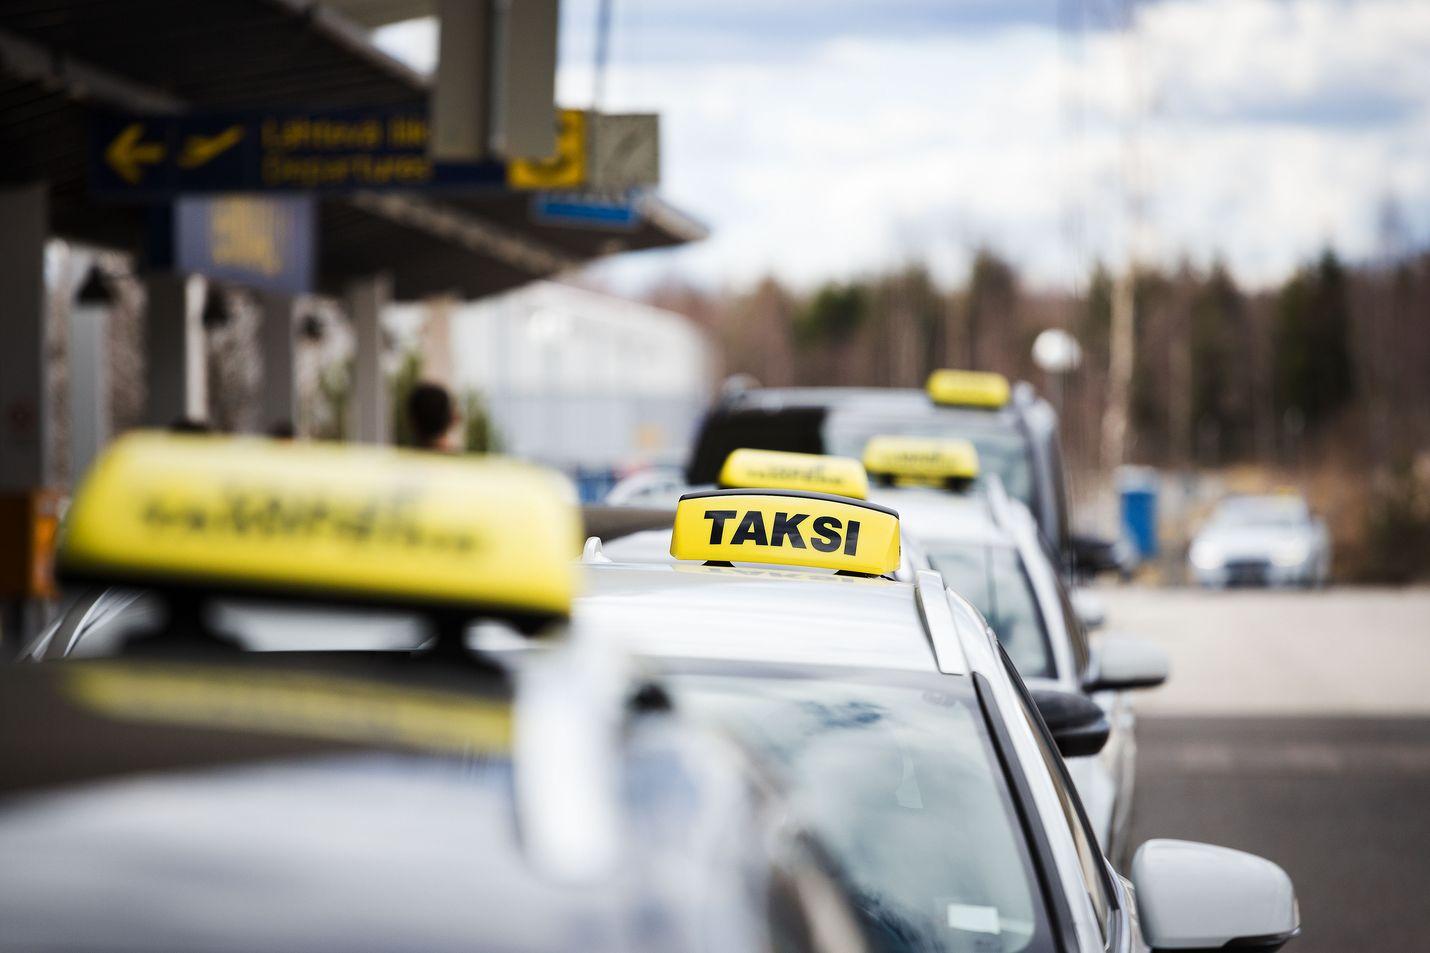 Taksiuudistuksessa luovuttiin enimmäishintojen ja taksilupien määrän sääntelystä. Kuvituskuva.